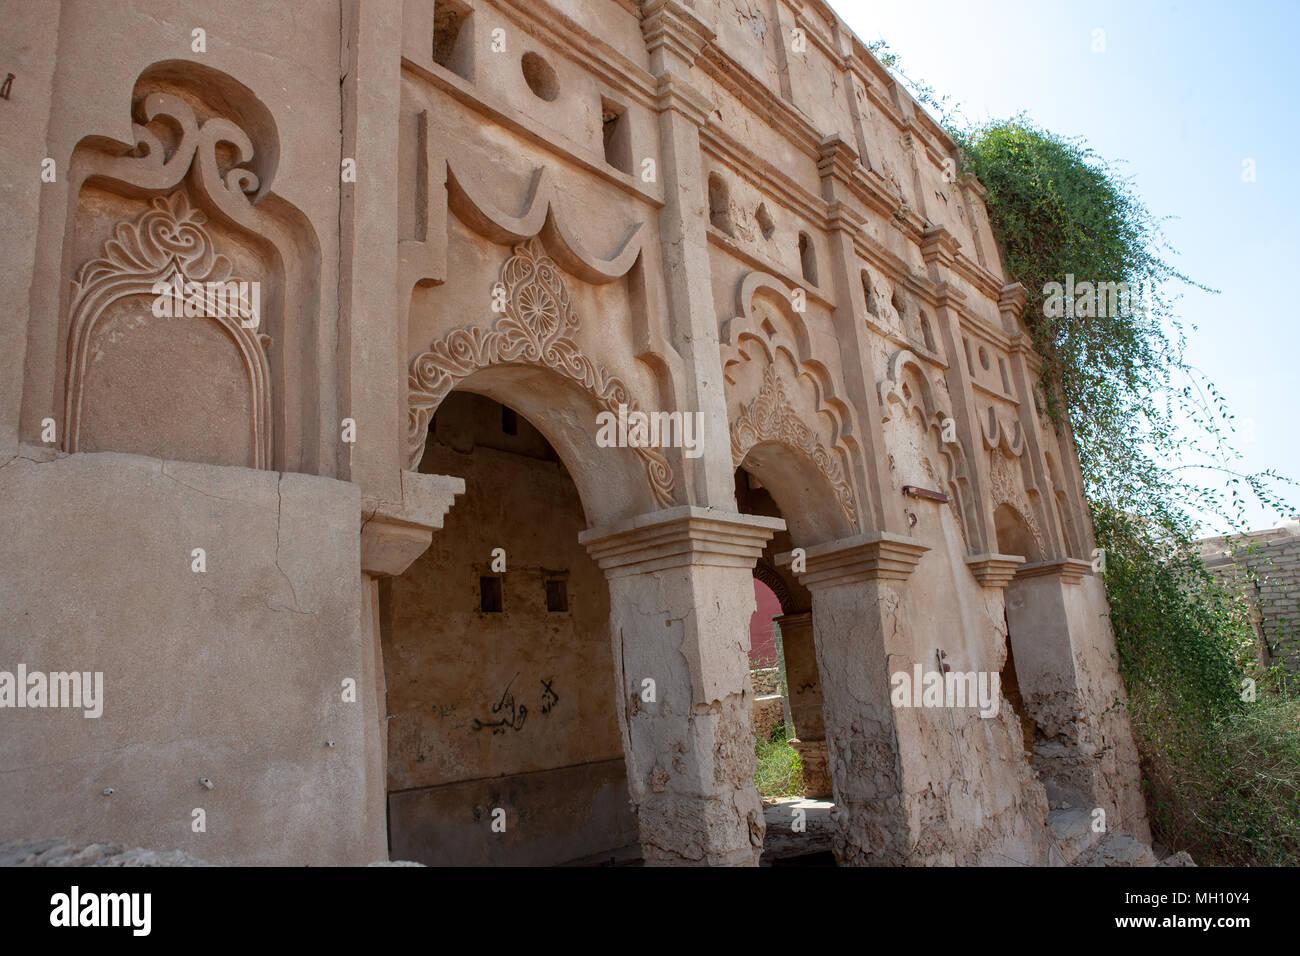 Pareti Esterne Casa : Decorazioni di gesso delle pareti esterne di una casa turca jizan